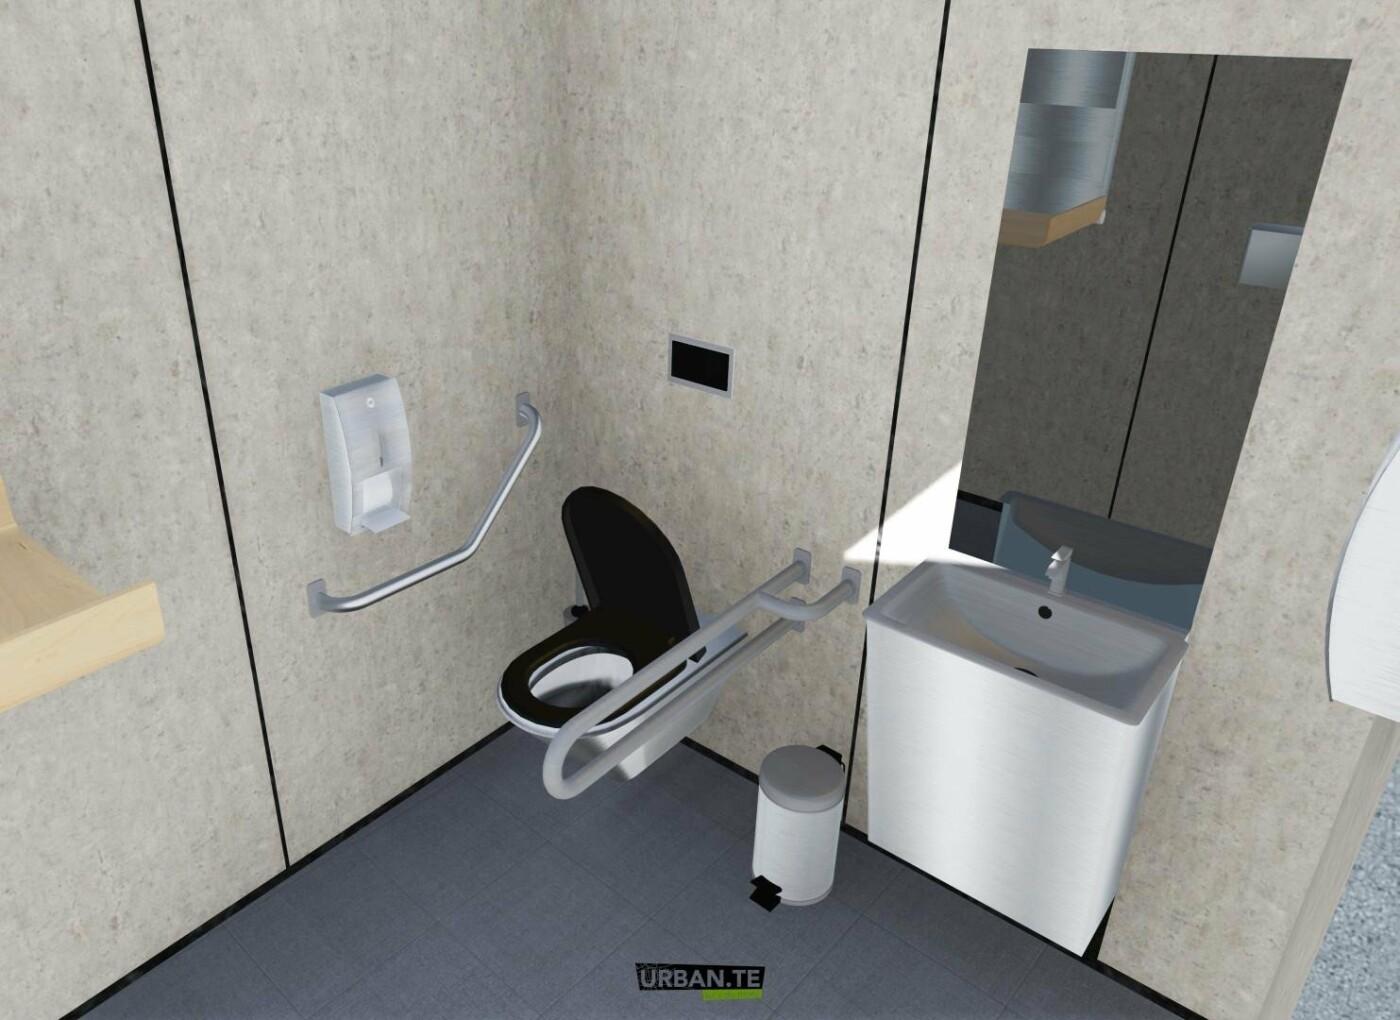 Тернополяни підтримали проект на будівництво туалету за 300 000 тис грн, фото-2